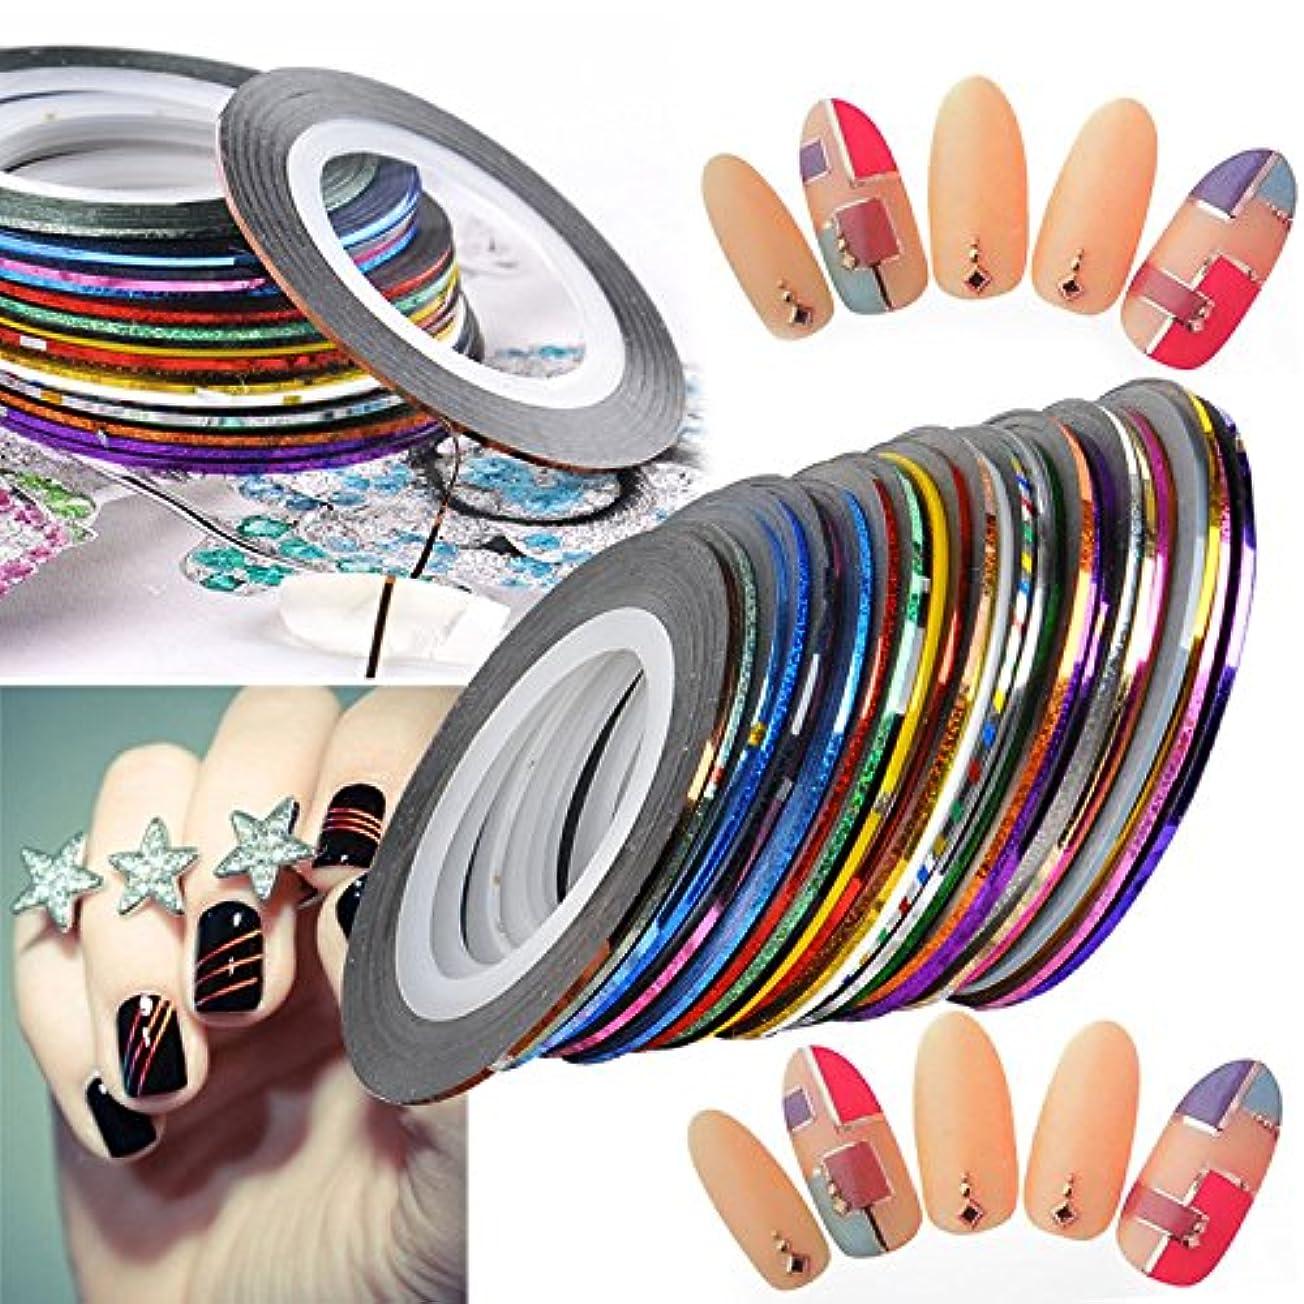 ネイルアート用 ラインテープ 爪 飾り用品 カラフル 綺麗 ラインアートテープ 30種セット